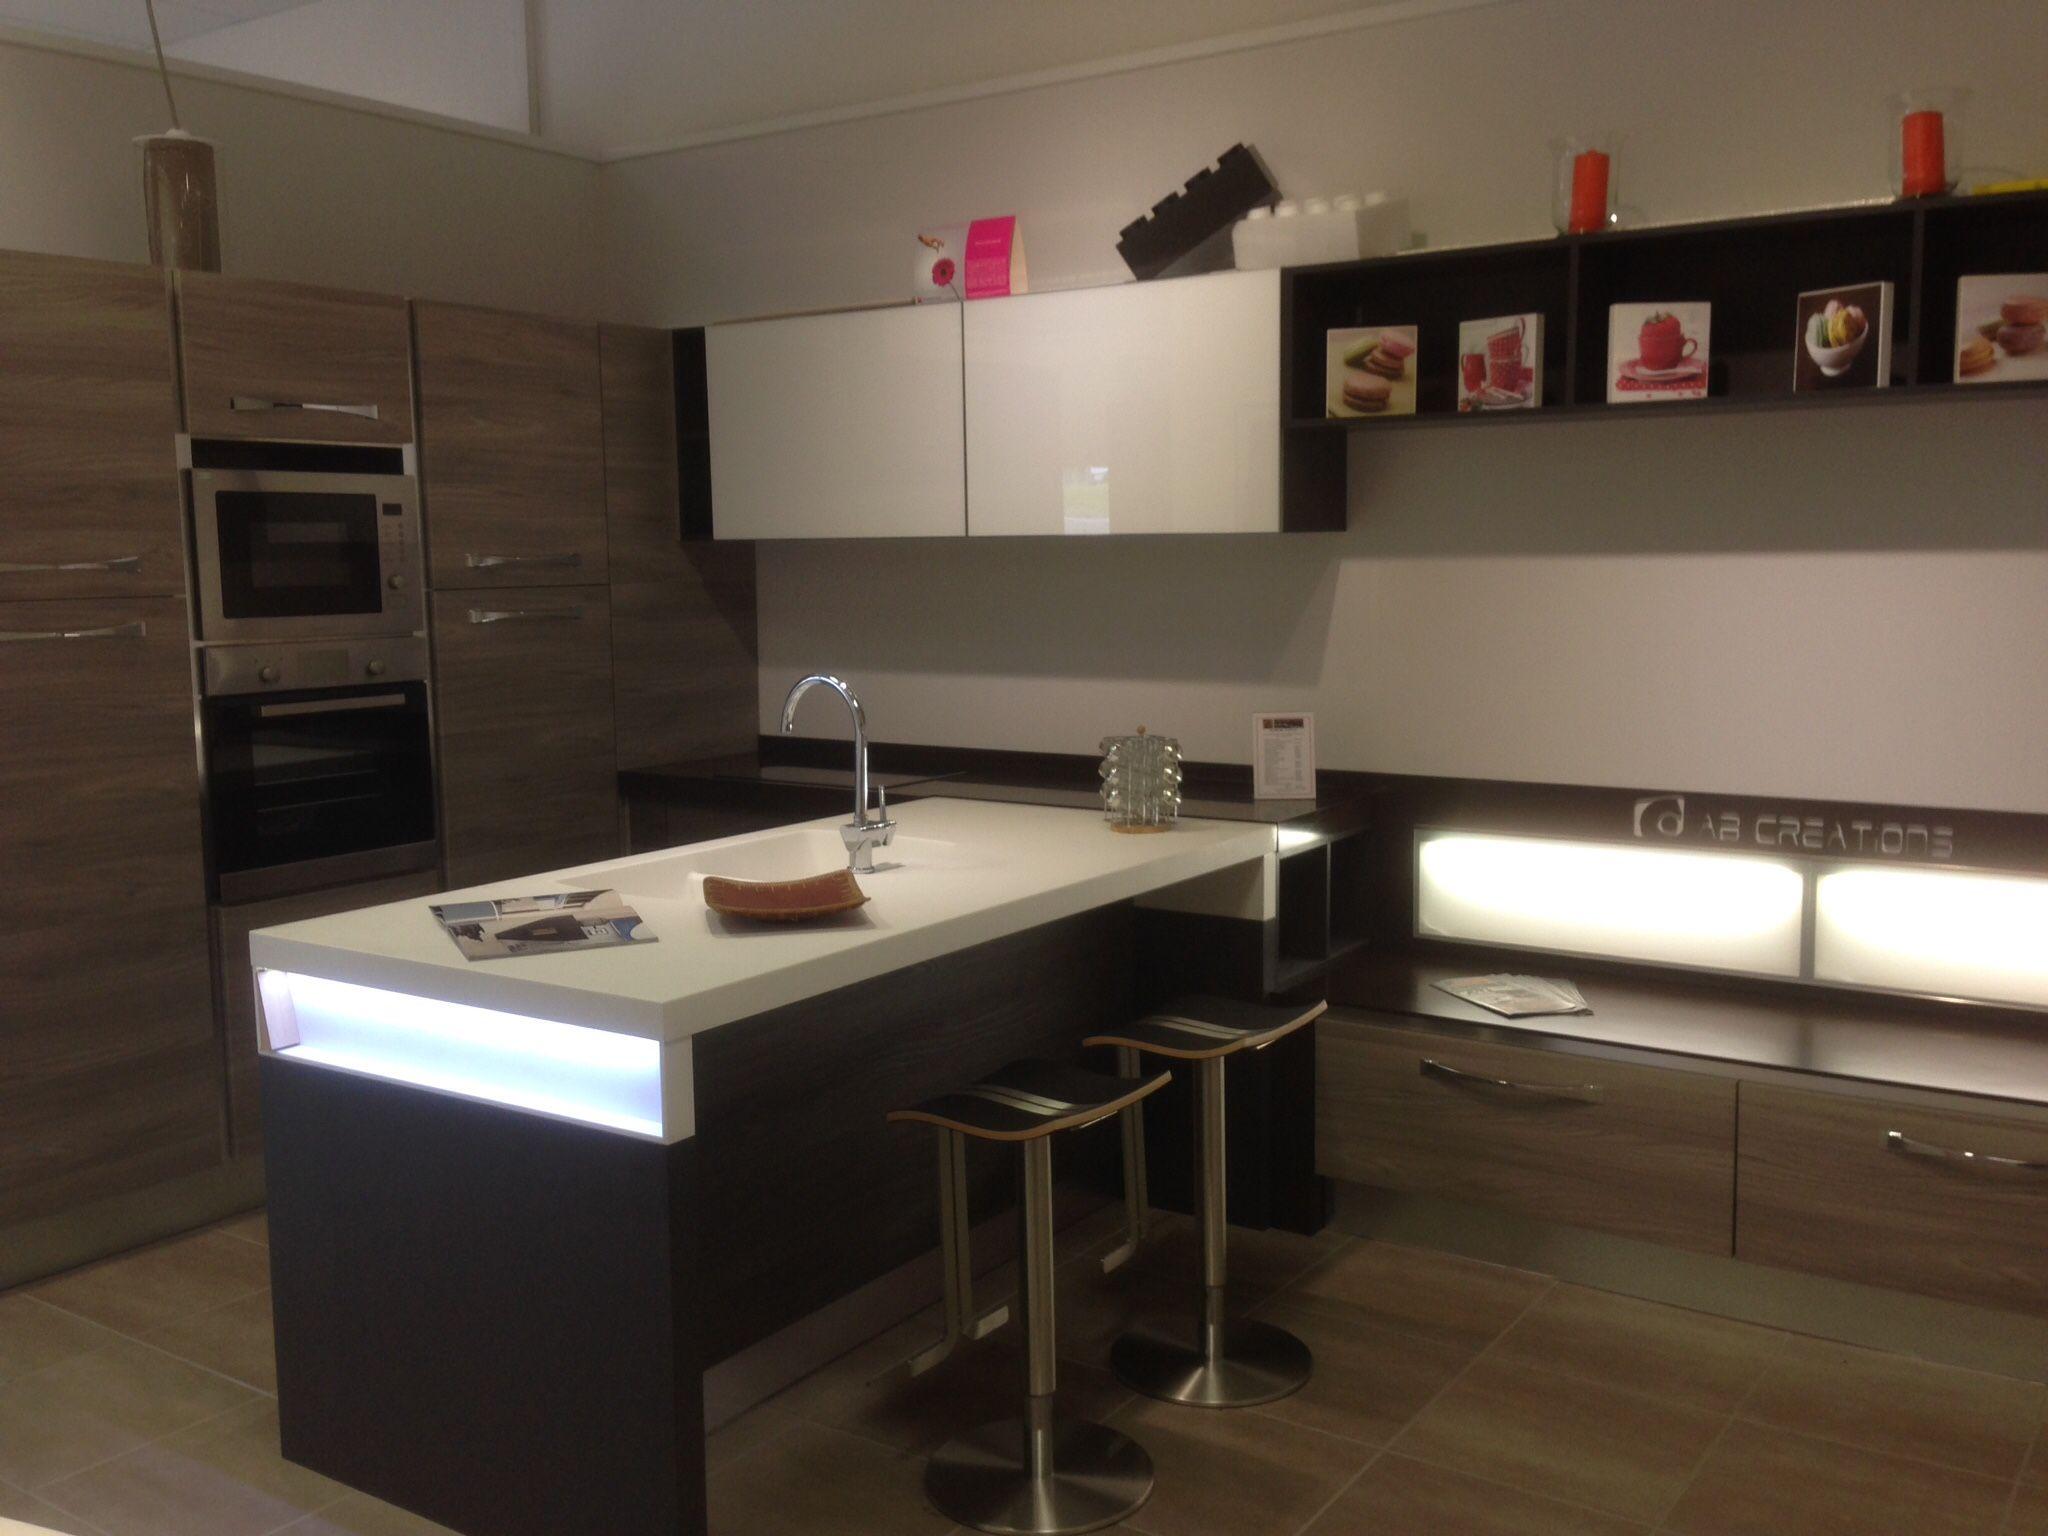 Cuisine Arrex Modele Papaia Expo Au Magasin Ab Creations Orthez Home Decor Kitchen Home